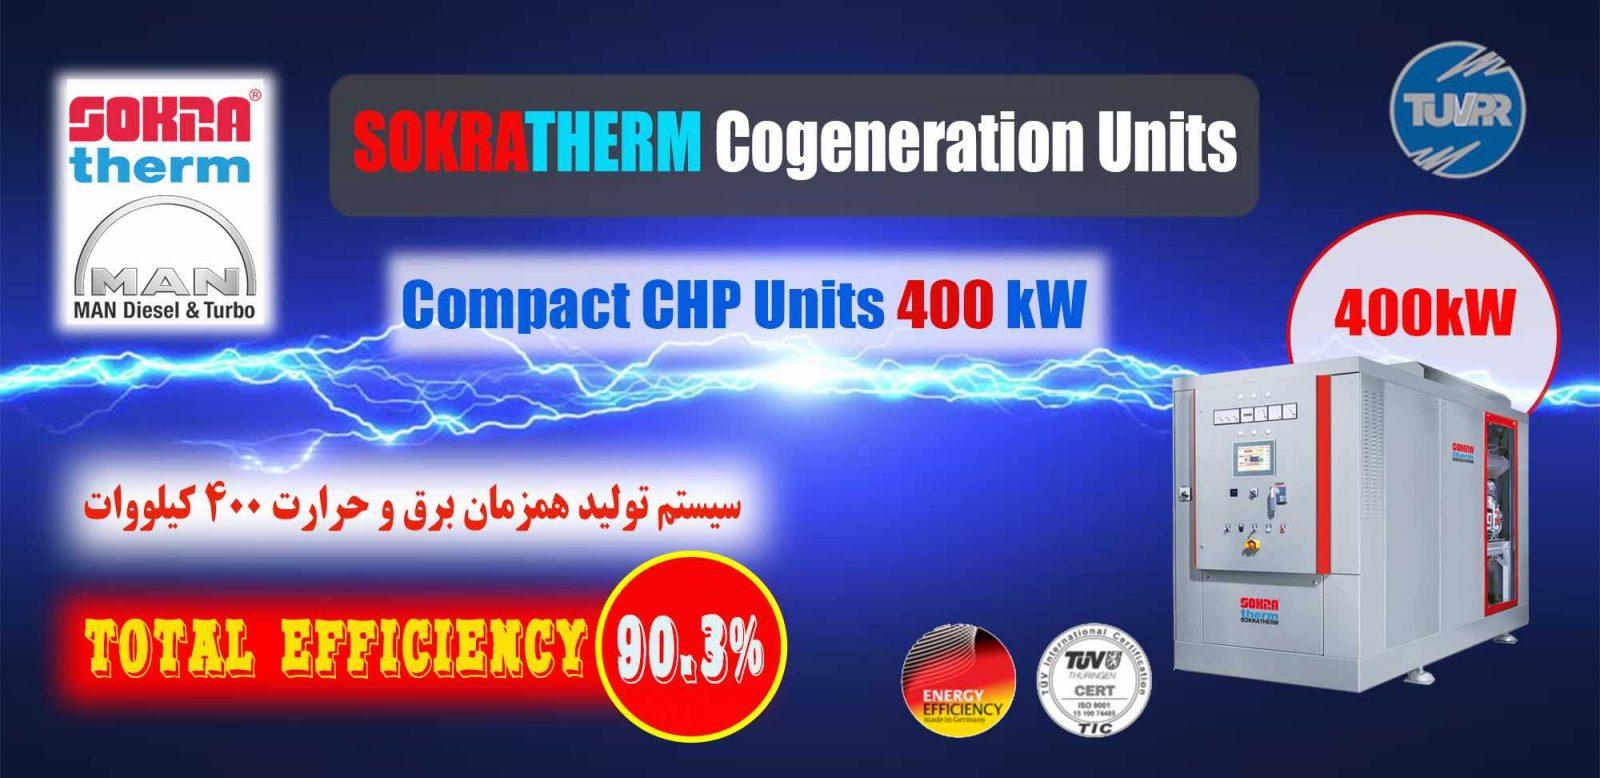 سیستم تولید همزمان برق و حرارت ۴۰۰ کیلووات آلمانی- شرکت پارس رایزن- 400 kW CHP combined head and power